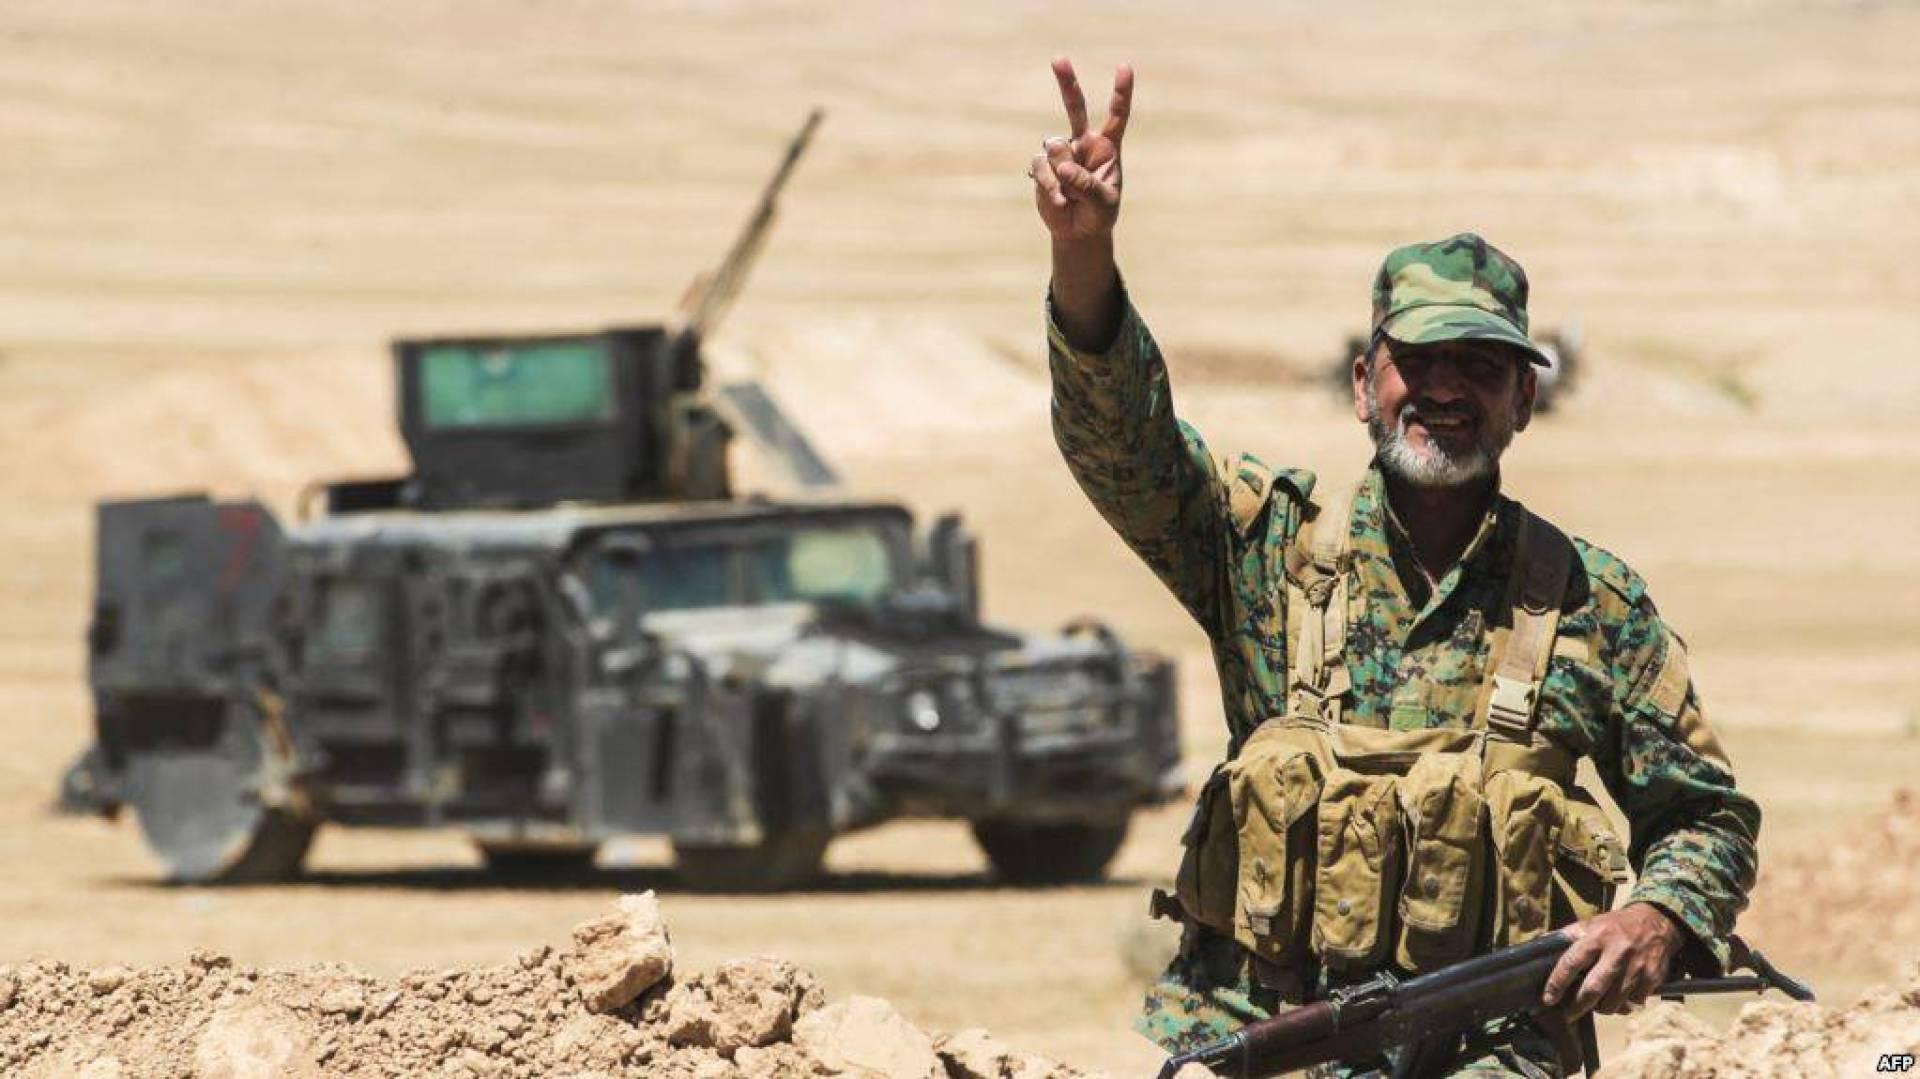 متلاشی شدن خطرناکترین هسته داعش در دیالی/ انهدام مقرهای داعش در صلاح الدین